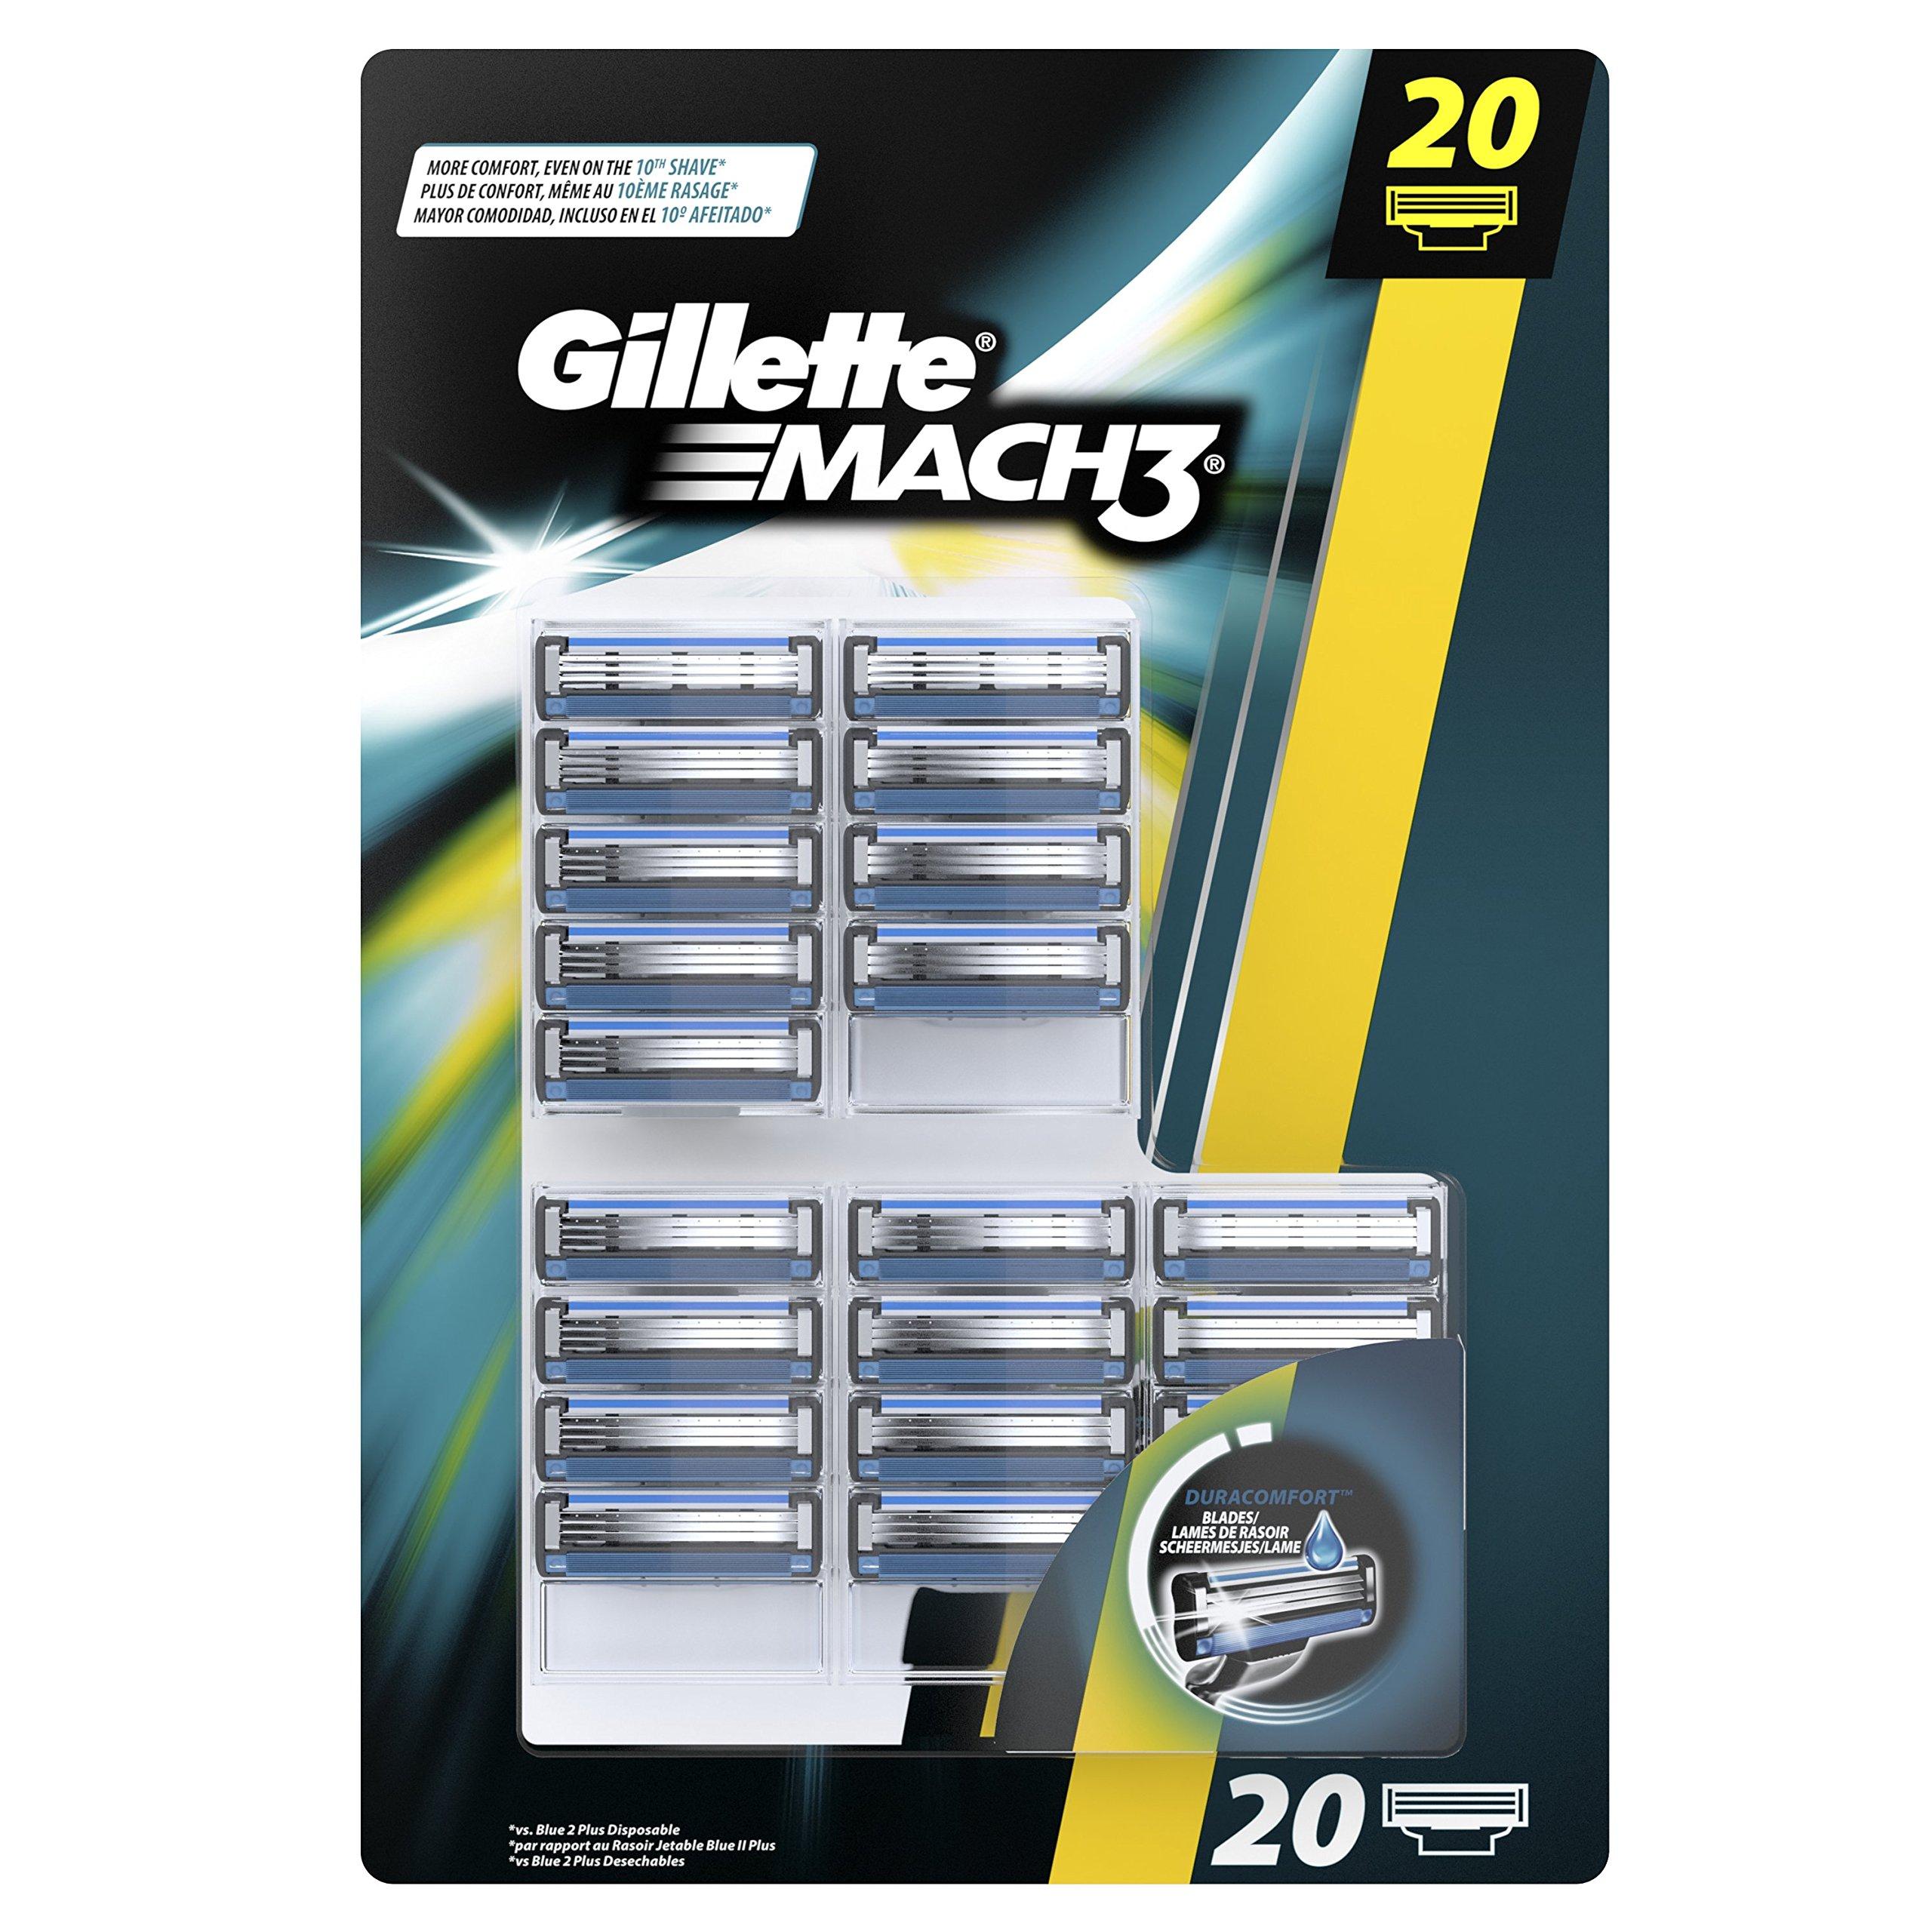 Gillette Mach3 - Cuchillas para afeitadora manual, pack de 20 recargas product image